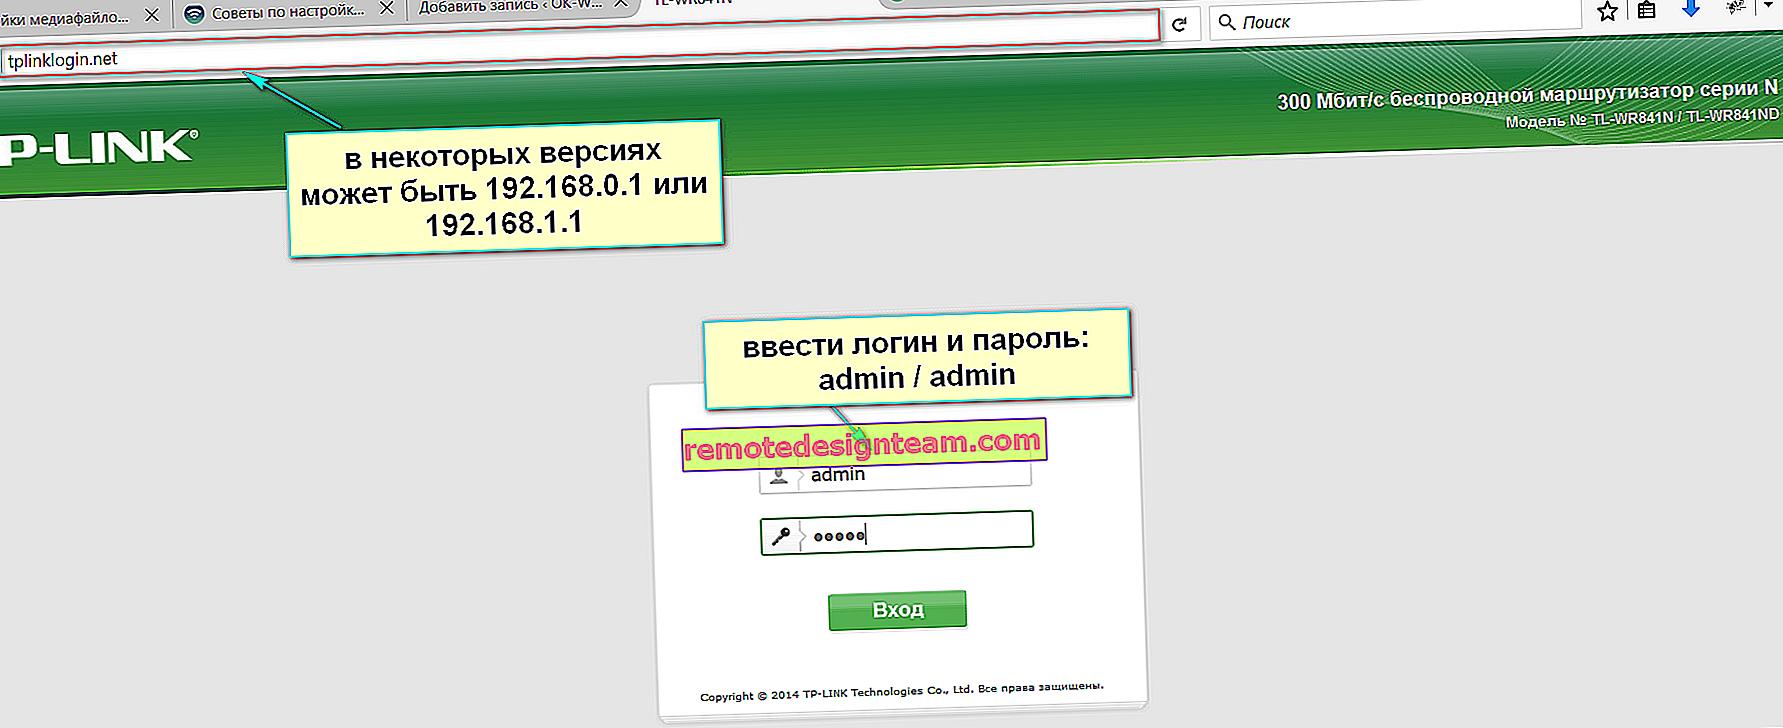 เข้าสู่ระบบบัญชีส่วนตัวเราเตอร์ TP-Link ของคุณ